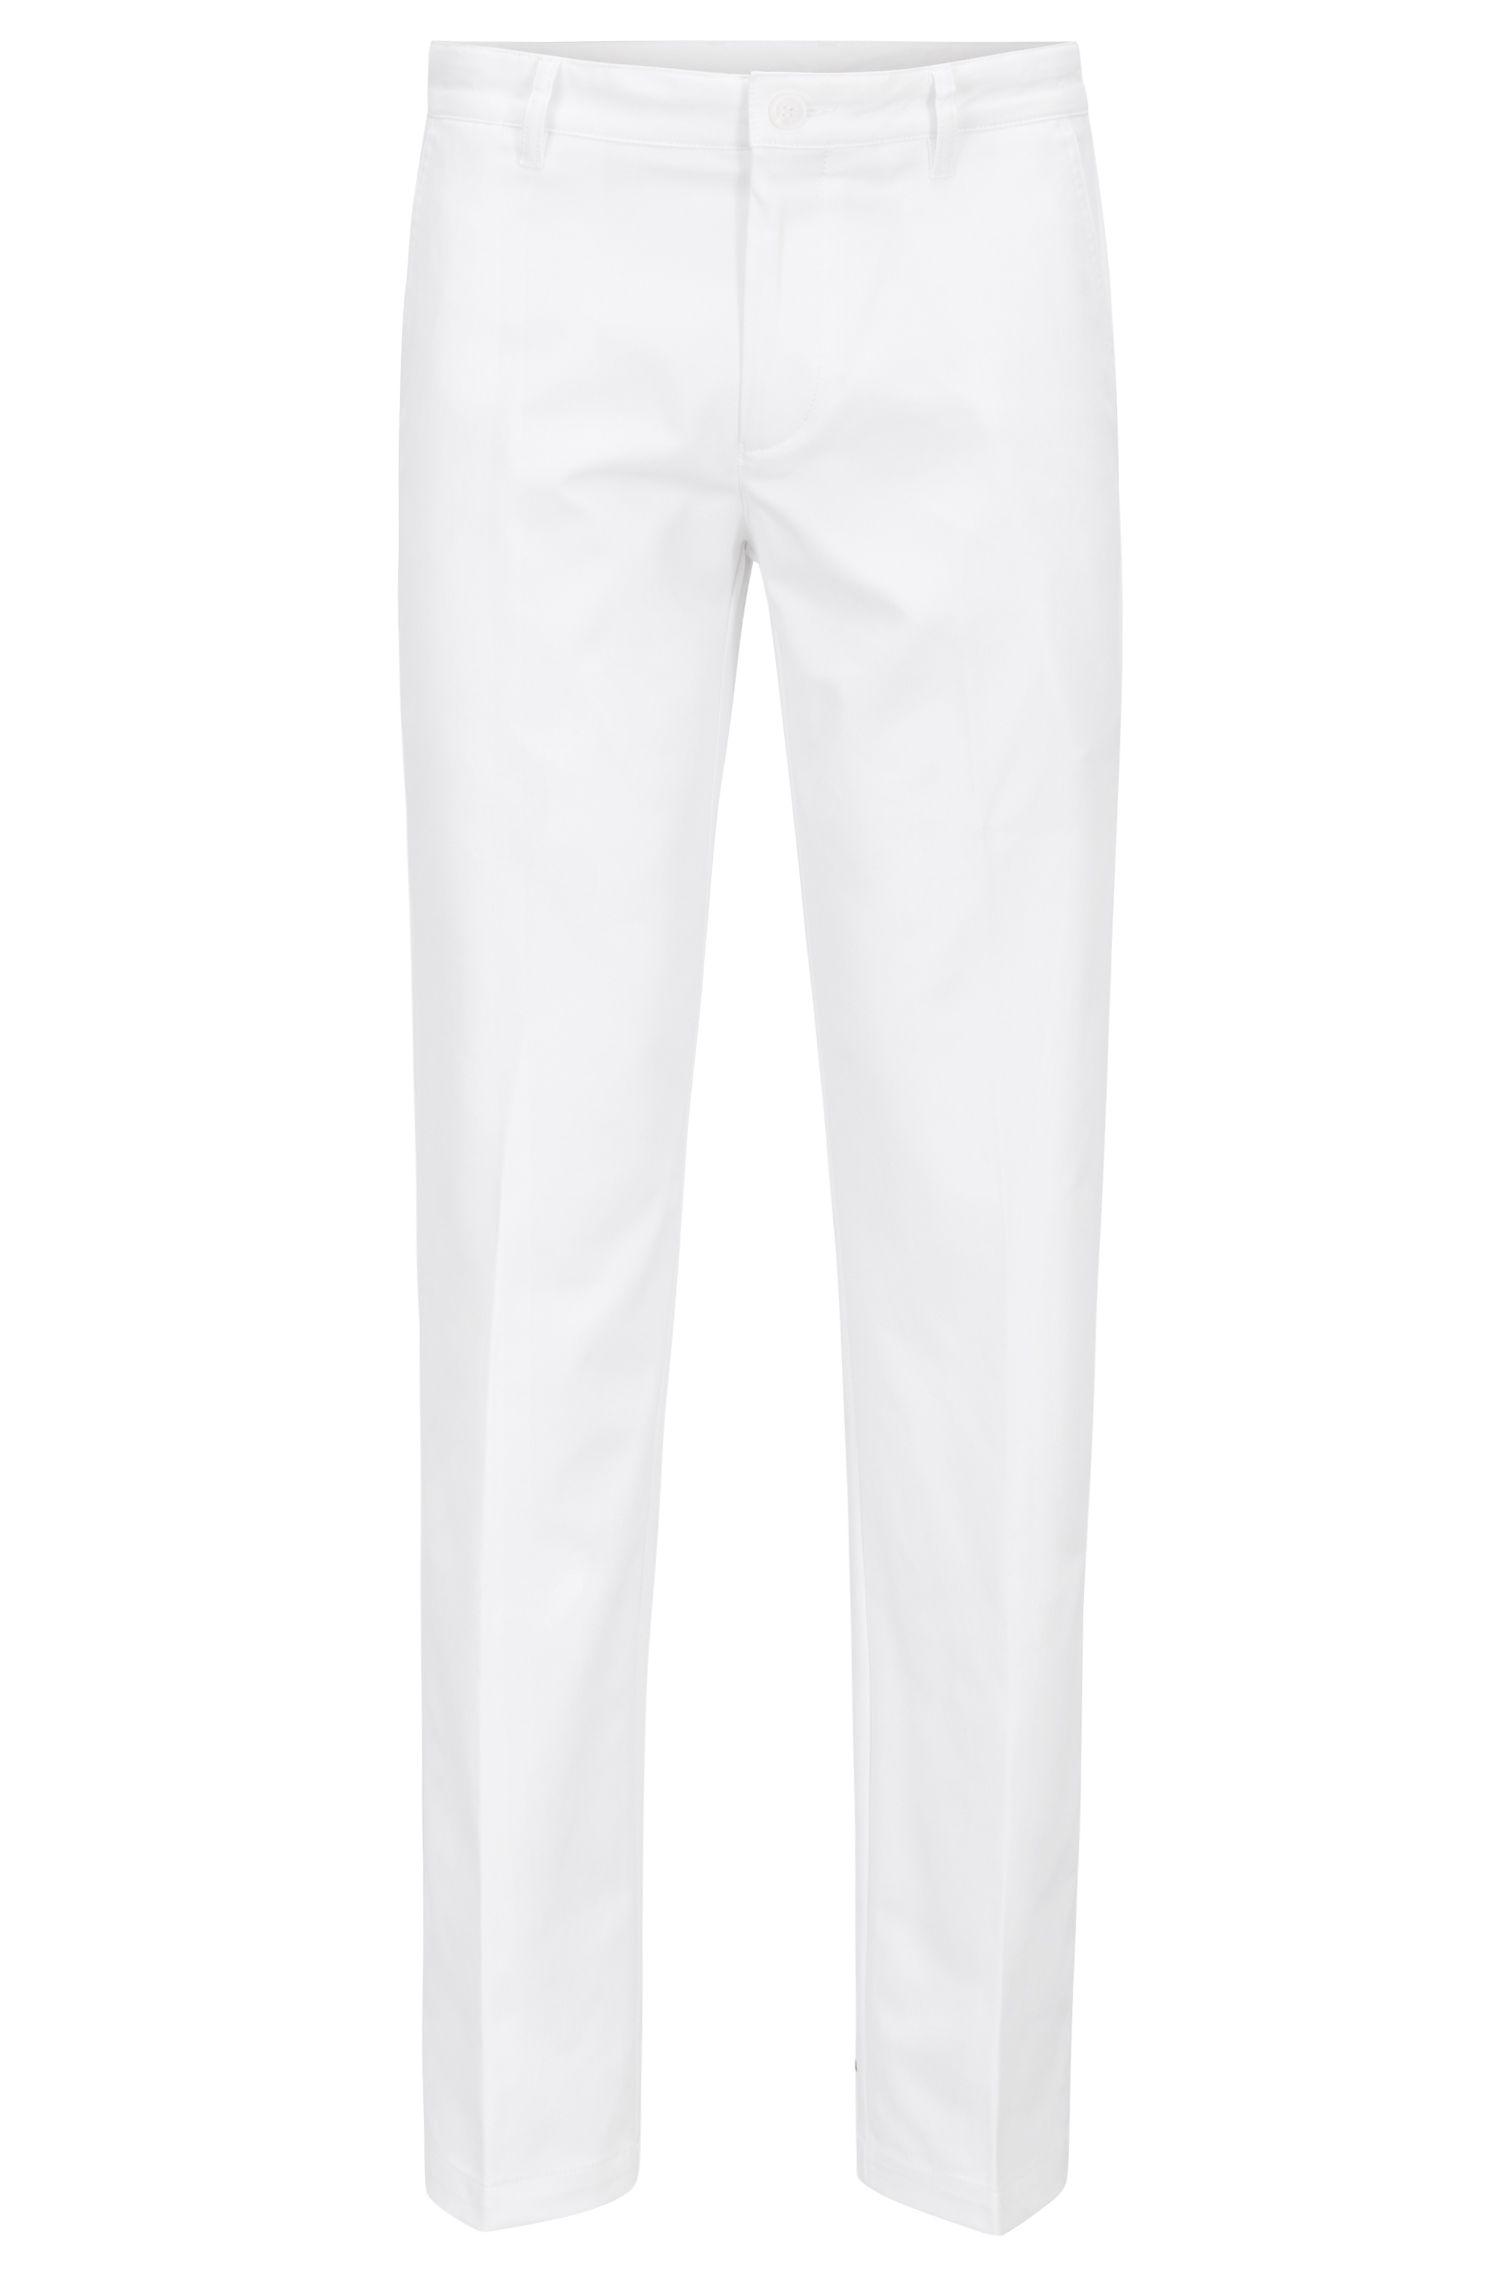 CoolMax Performance Golf Pant, Slim Fit | Hakan